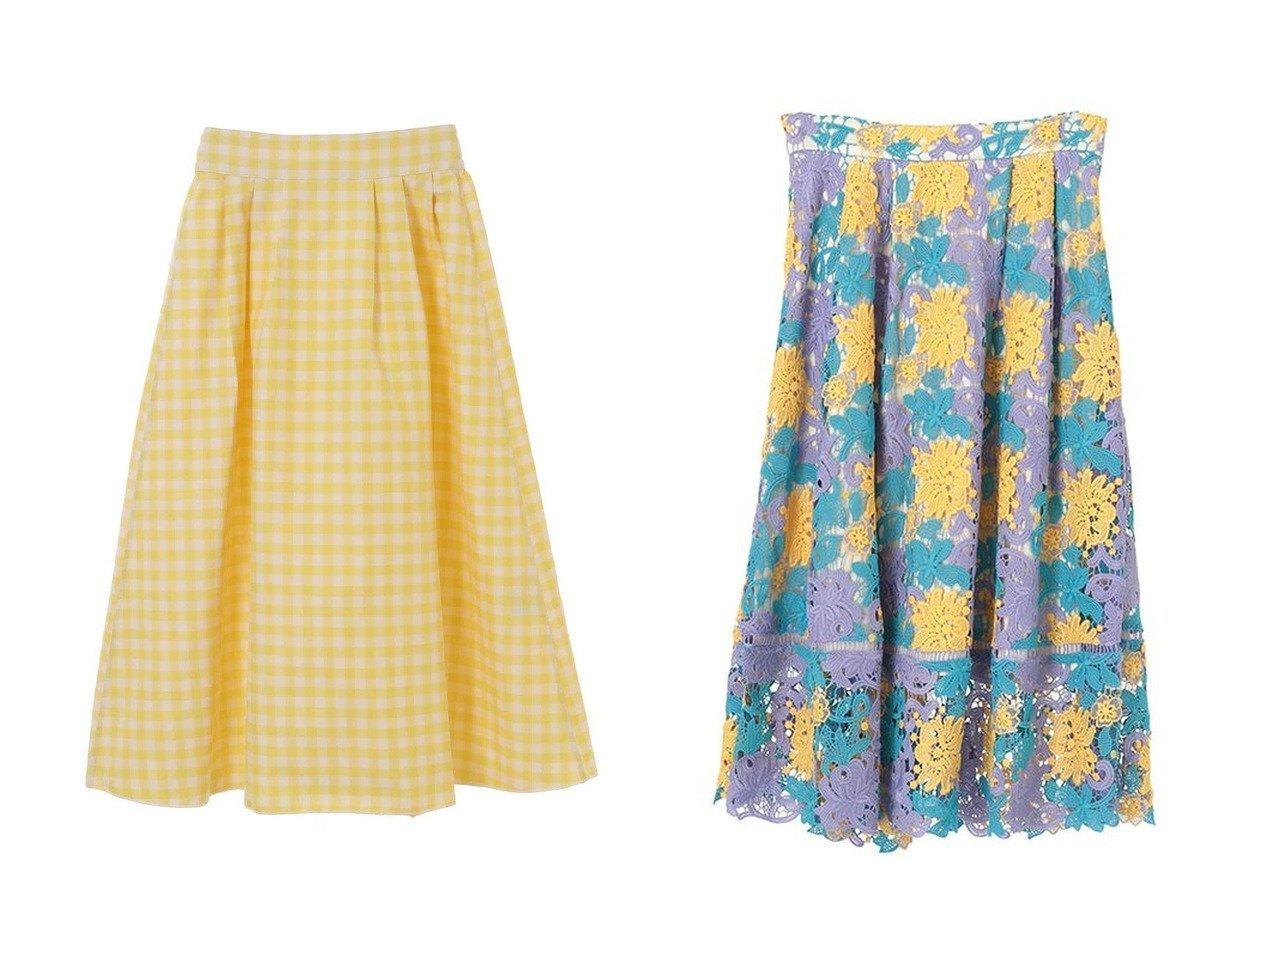 【31 Sons de mode/トランテアン ソン ドゥ モード】のリバーシブルギンガムチェックスカート&ケミカルレースフレアスカート スカートのおすすめ!人気、トレンド・レディースファッションの通販 おすすめで人気の流行・トレンド、ファッションの通販商品 メンズファッション・キッズファッション・インテリア・家具・レディースファッション・服の通販 founy(ファニー) https://founy.com/ ファッション Fashion レディースファッション WOMEN スカート Skirt Aライン/フレアスカート Flared A-Line Skirts 2020年 2020 2020-2021 秋冬 A/W AW Autumn/Winter / FW Fall-Winter 2020-2021 2021年 2021 2021 春夏 S/S SS Spring/Summer 2021 シンプル フラワー フレア 春 Spring A/W 秋冬 AW Autumn/Winter / FW Fall-Winter |ID:crp329100000011771